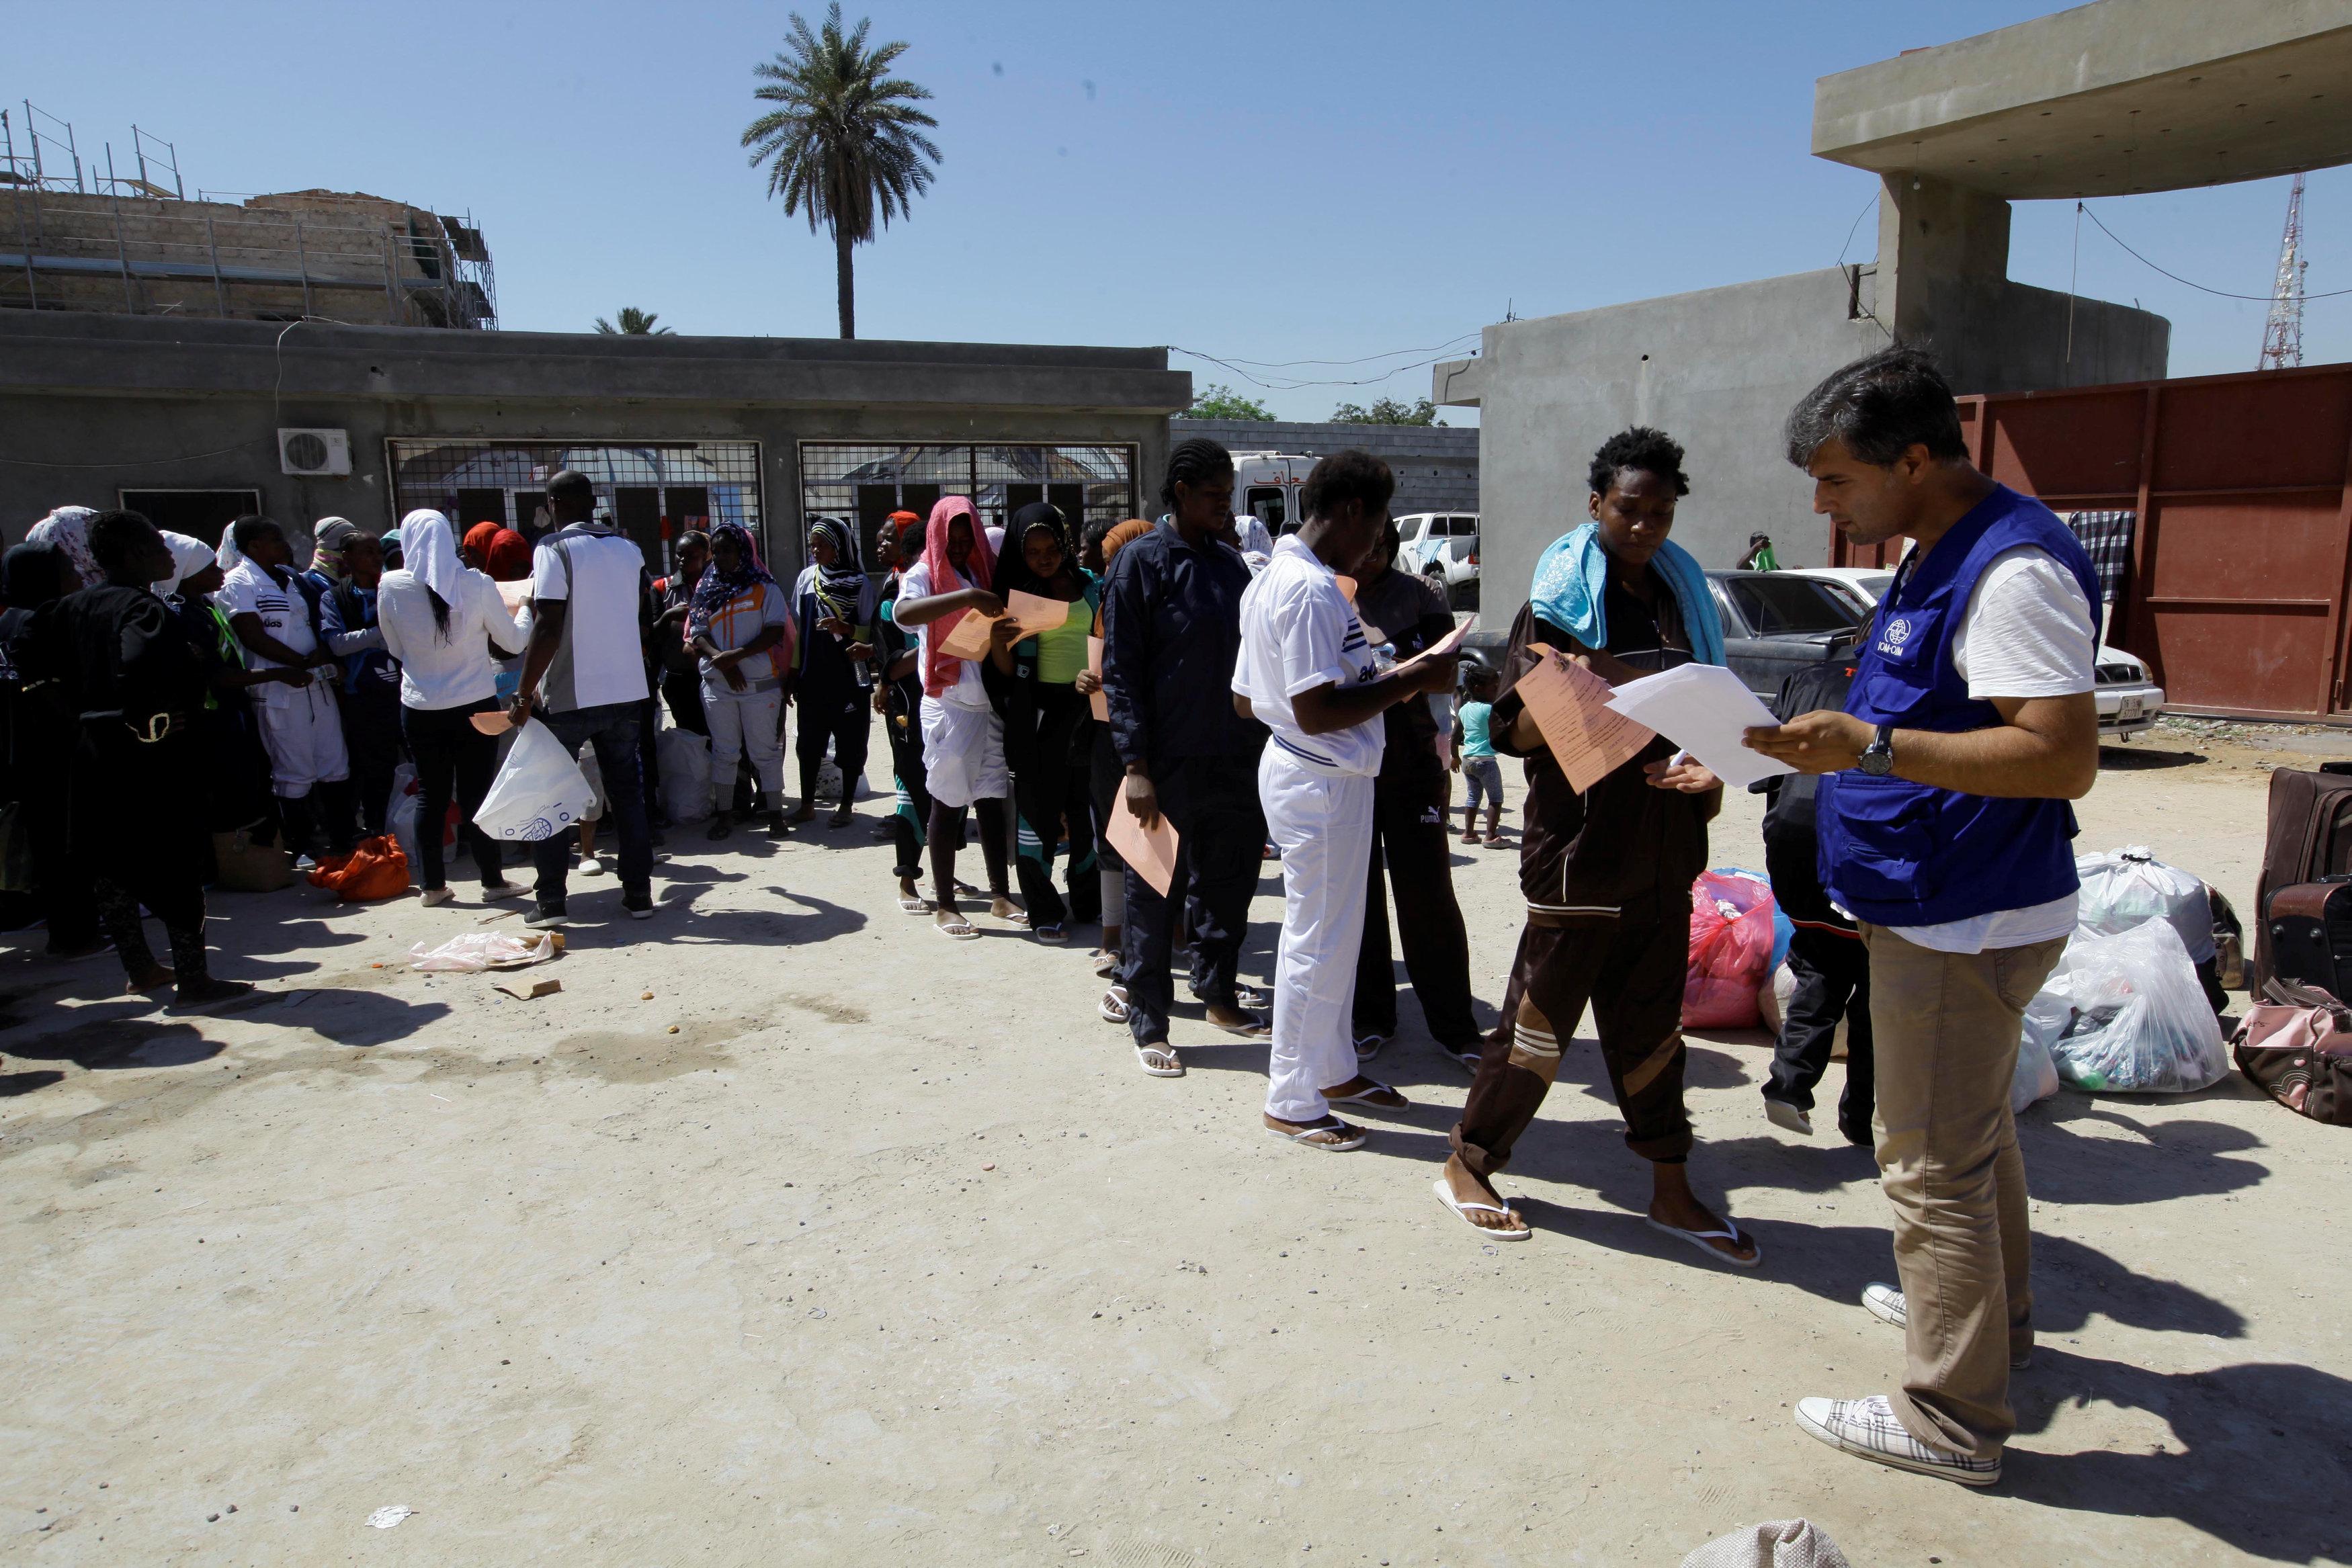 صورة ليبيا تُرَحل 135 مهاجرا غير قانوني إلى نيجيريا